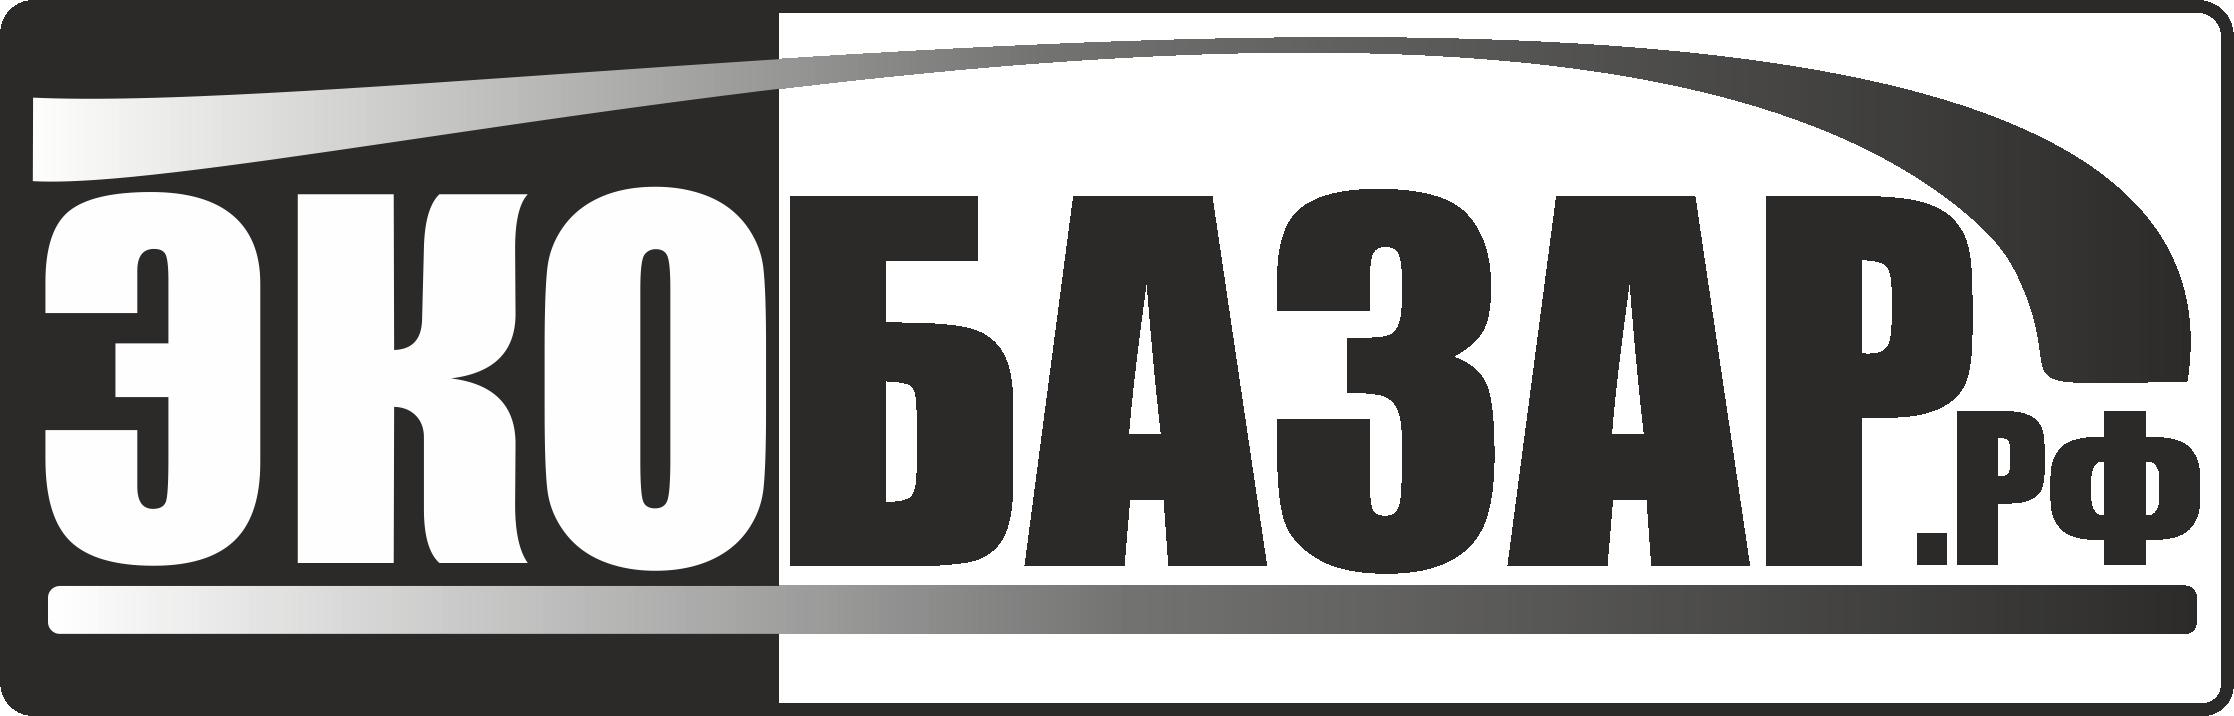 Логотип компании натуральных (фермерских) продуктов фото f_2665941379f7f0c8.png